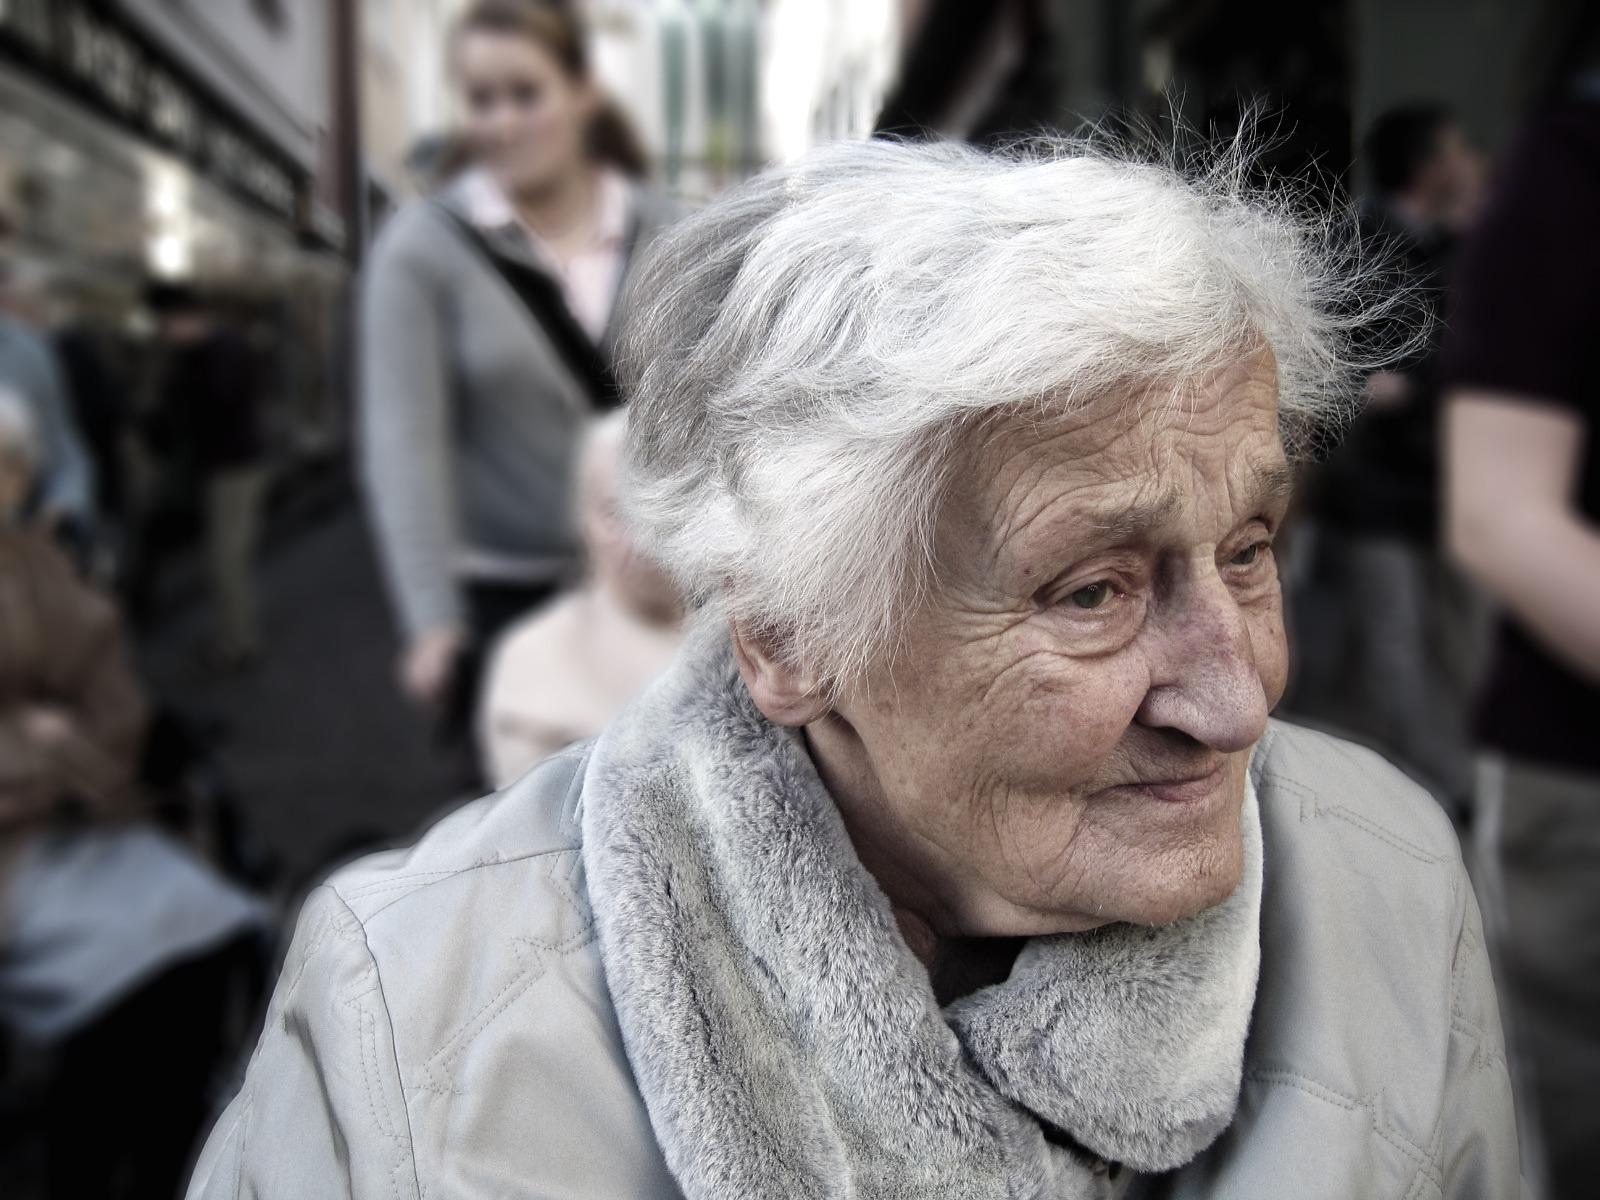 化解老年人烦躁的妙方是什么